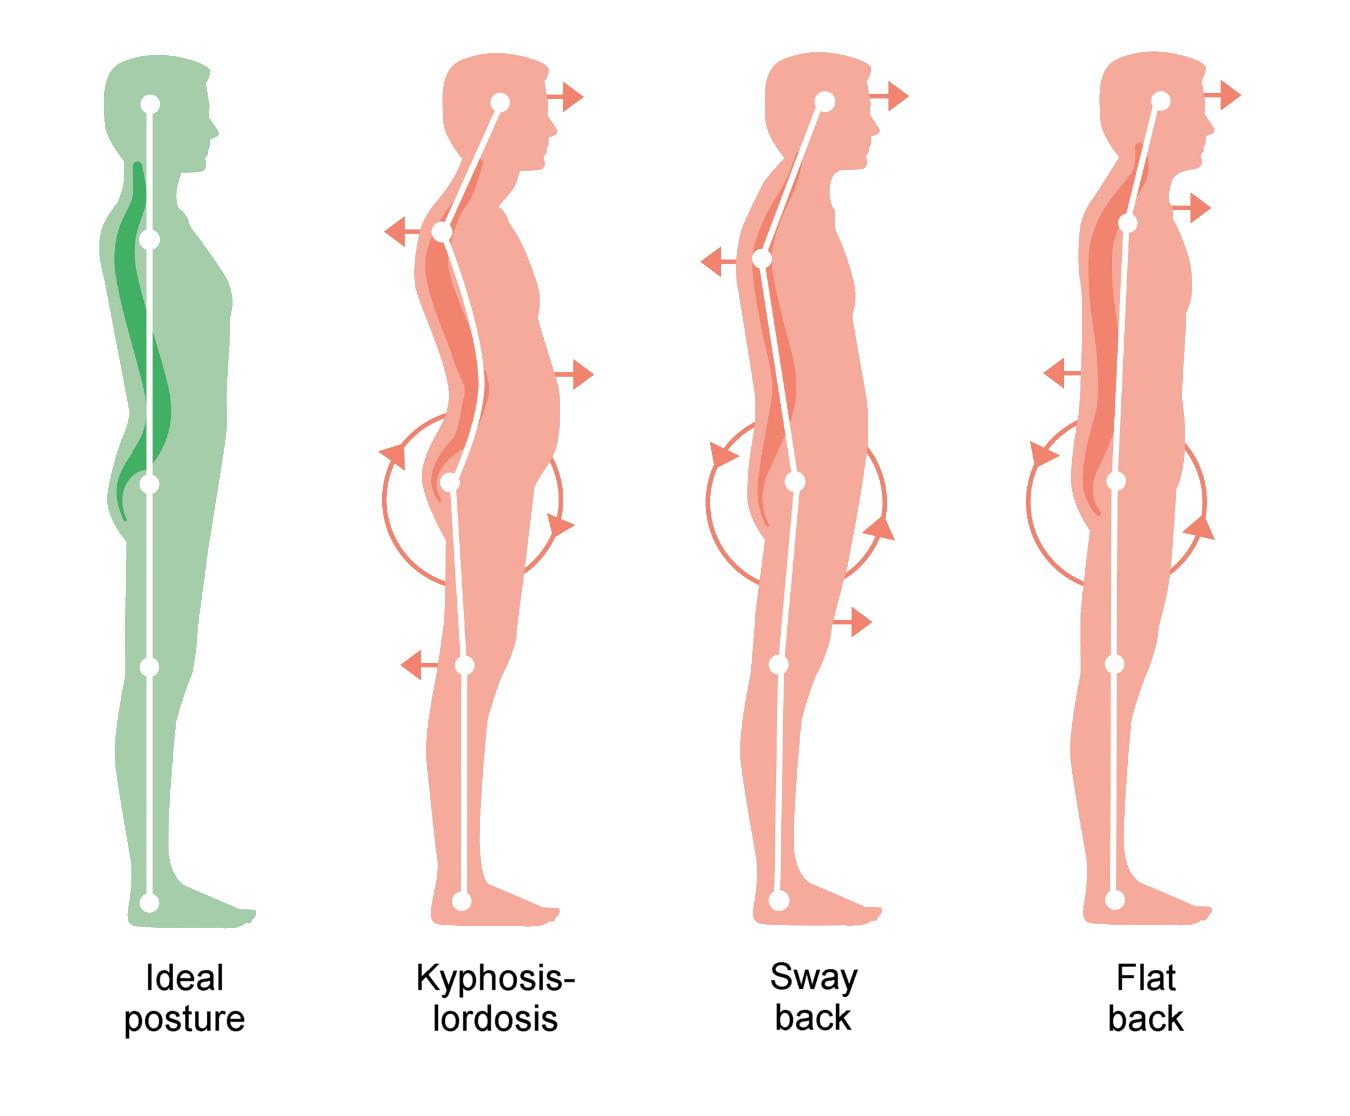 Habitual postures